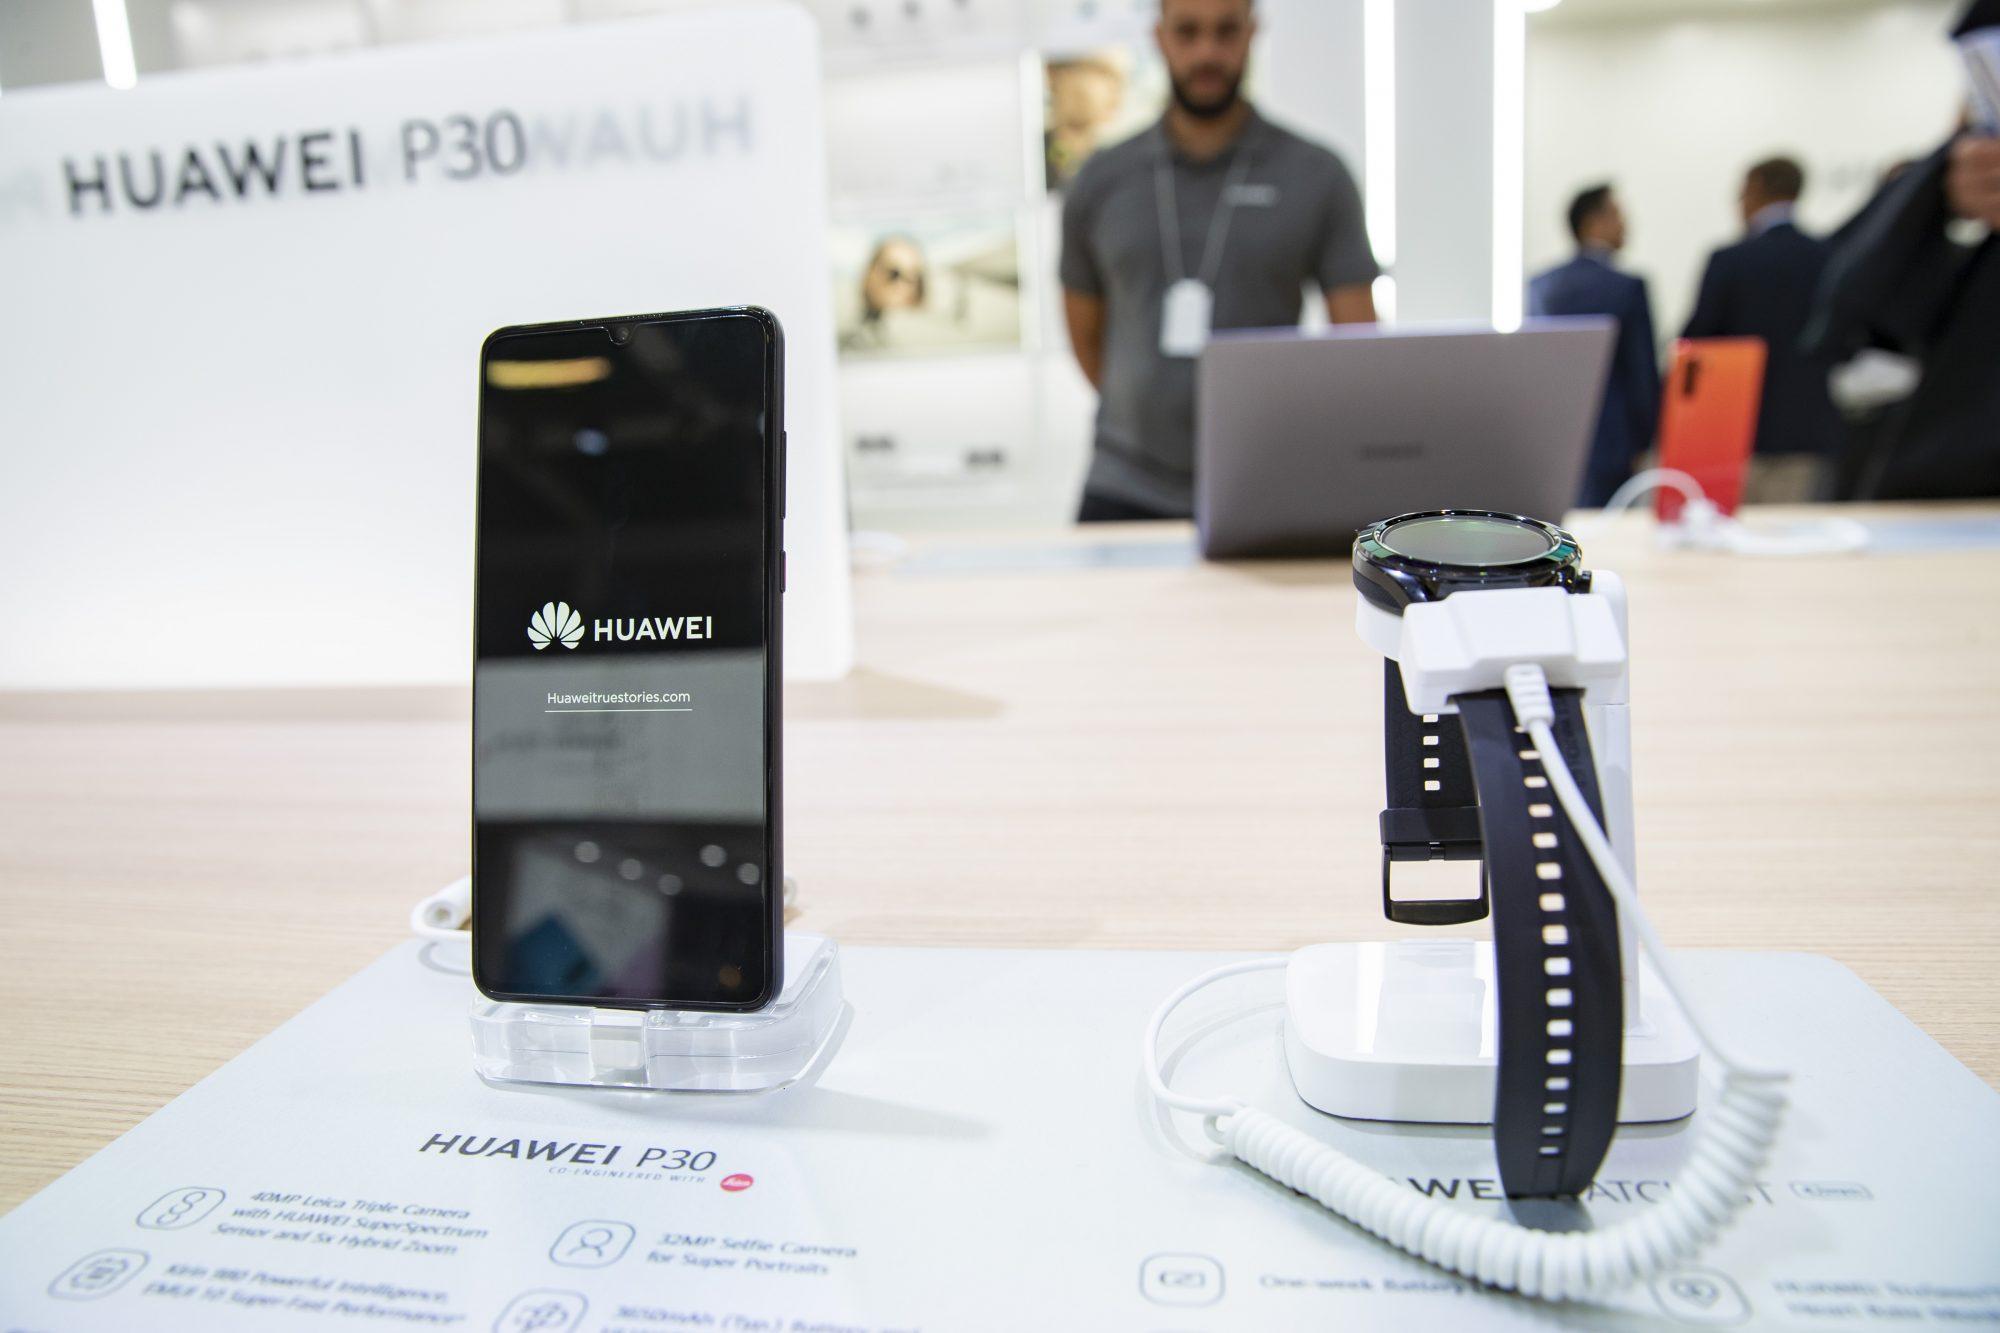 huawei phones on display in berlin